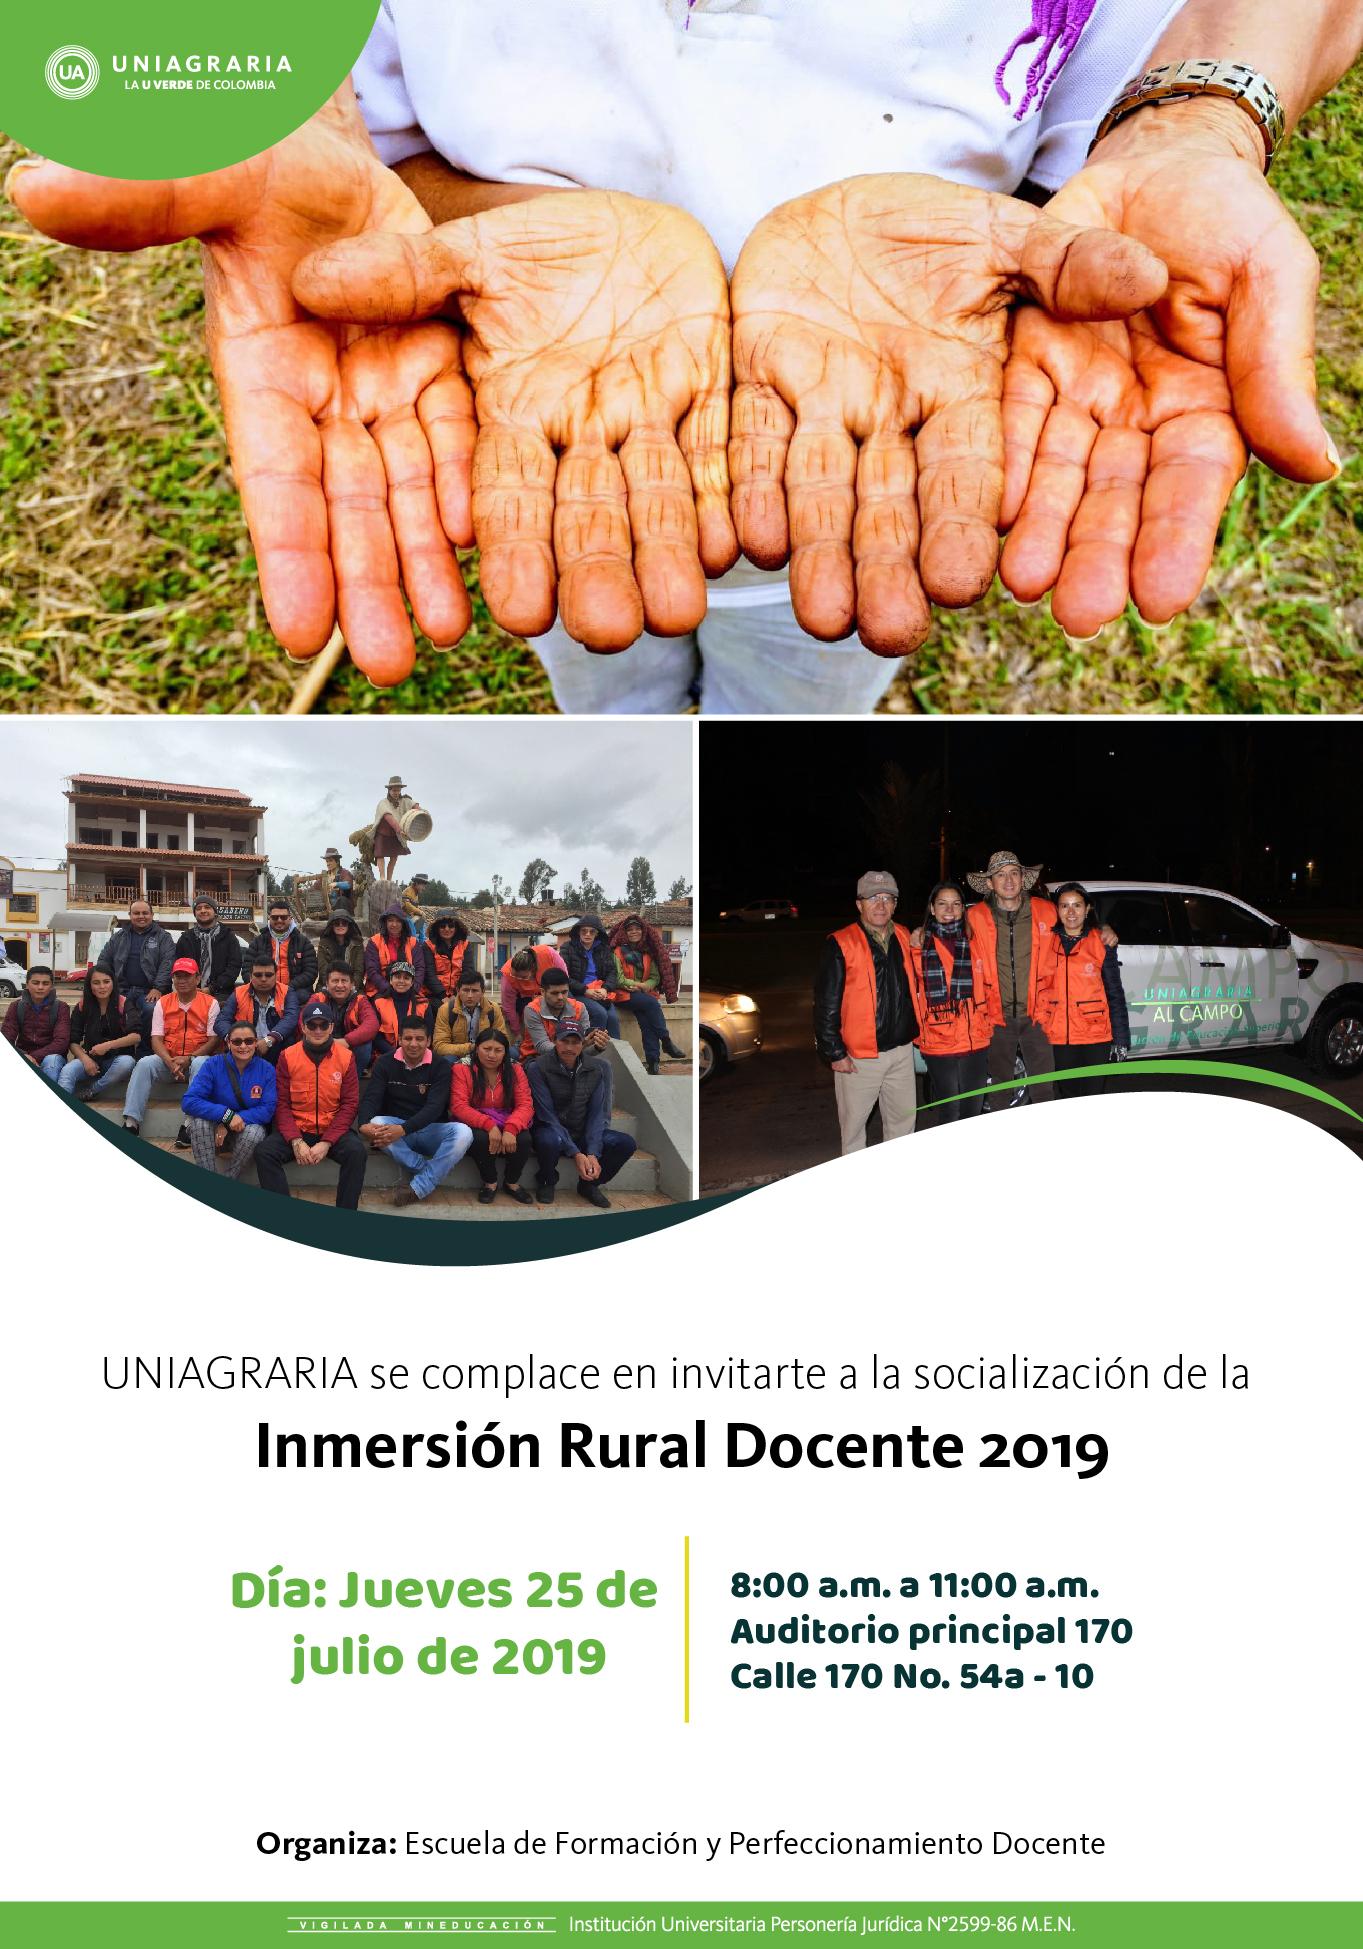 Inmersión Rural Docente 2019